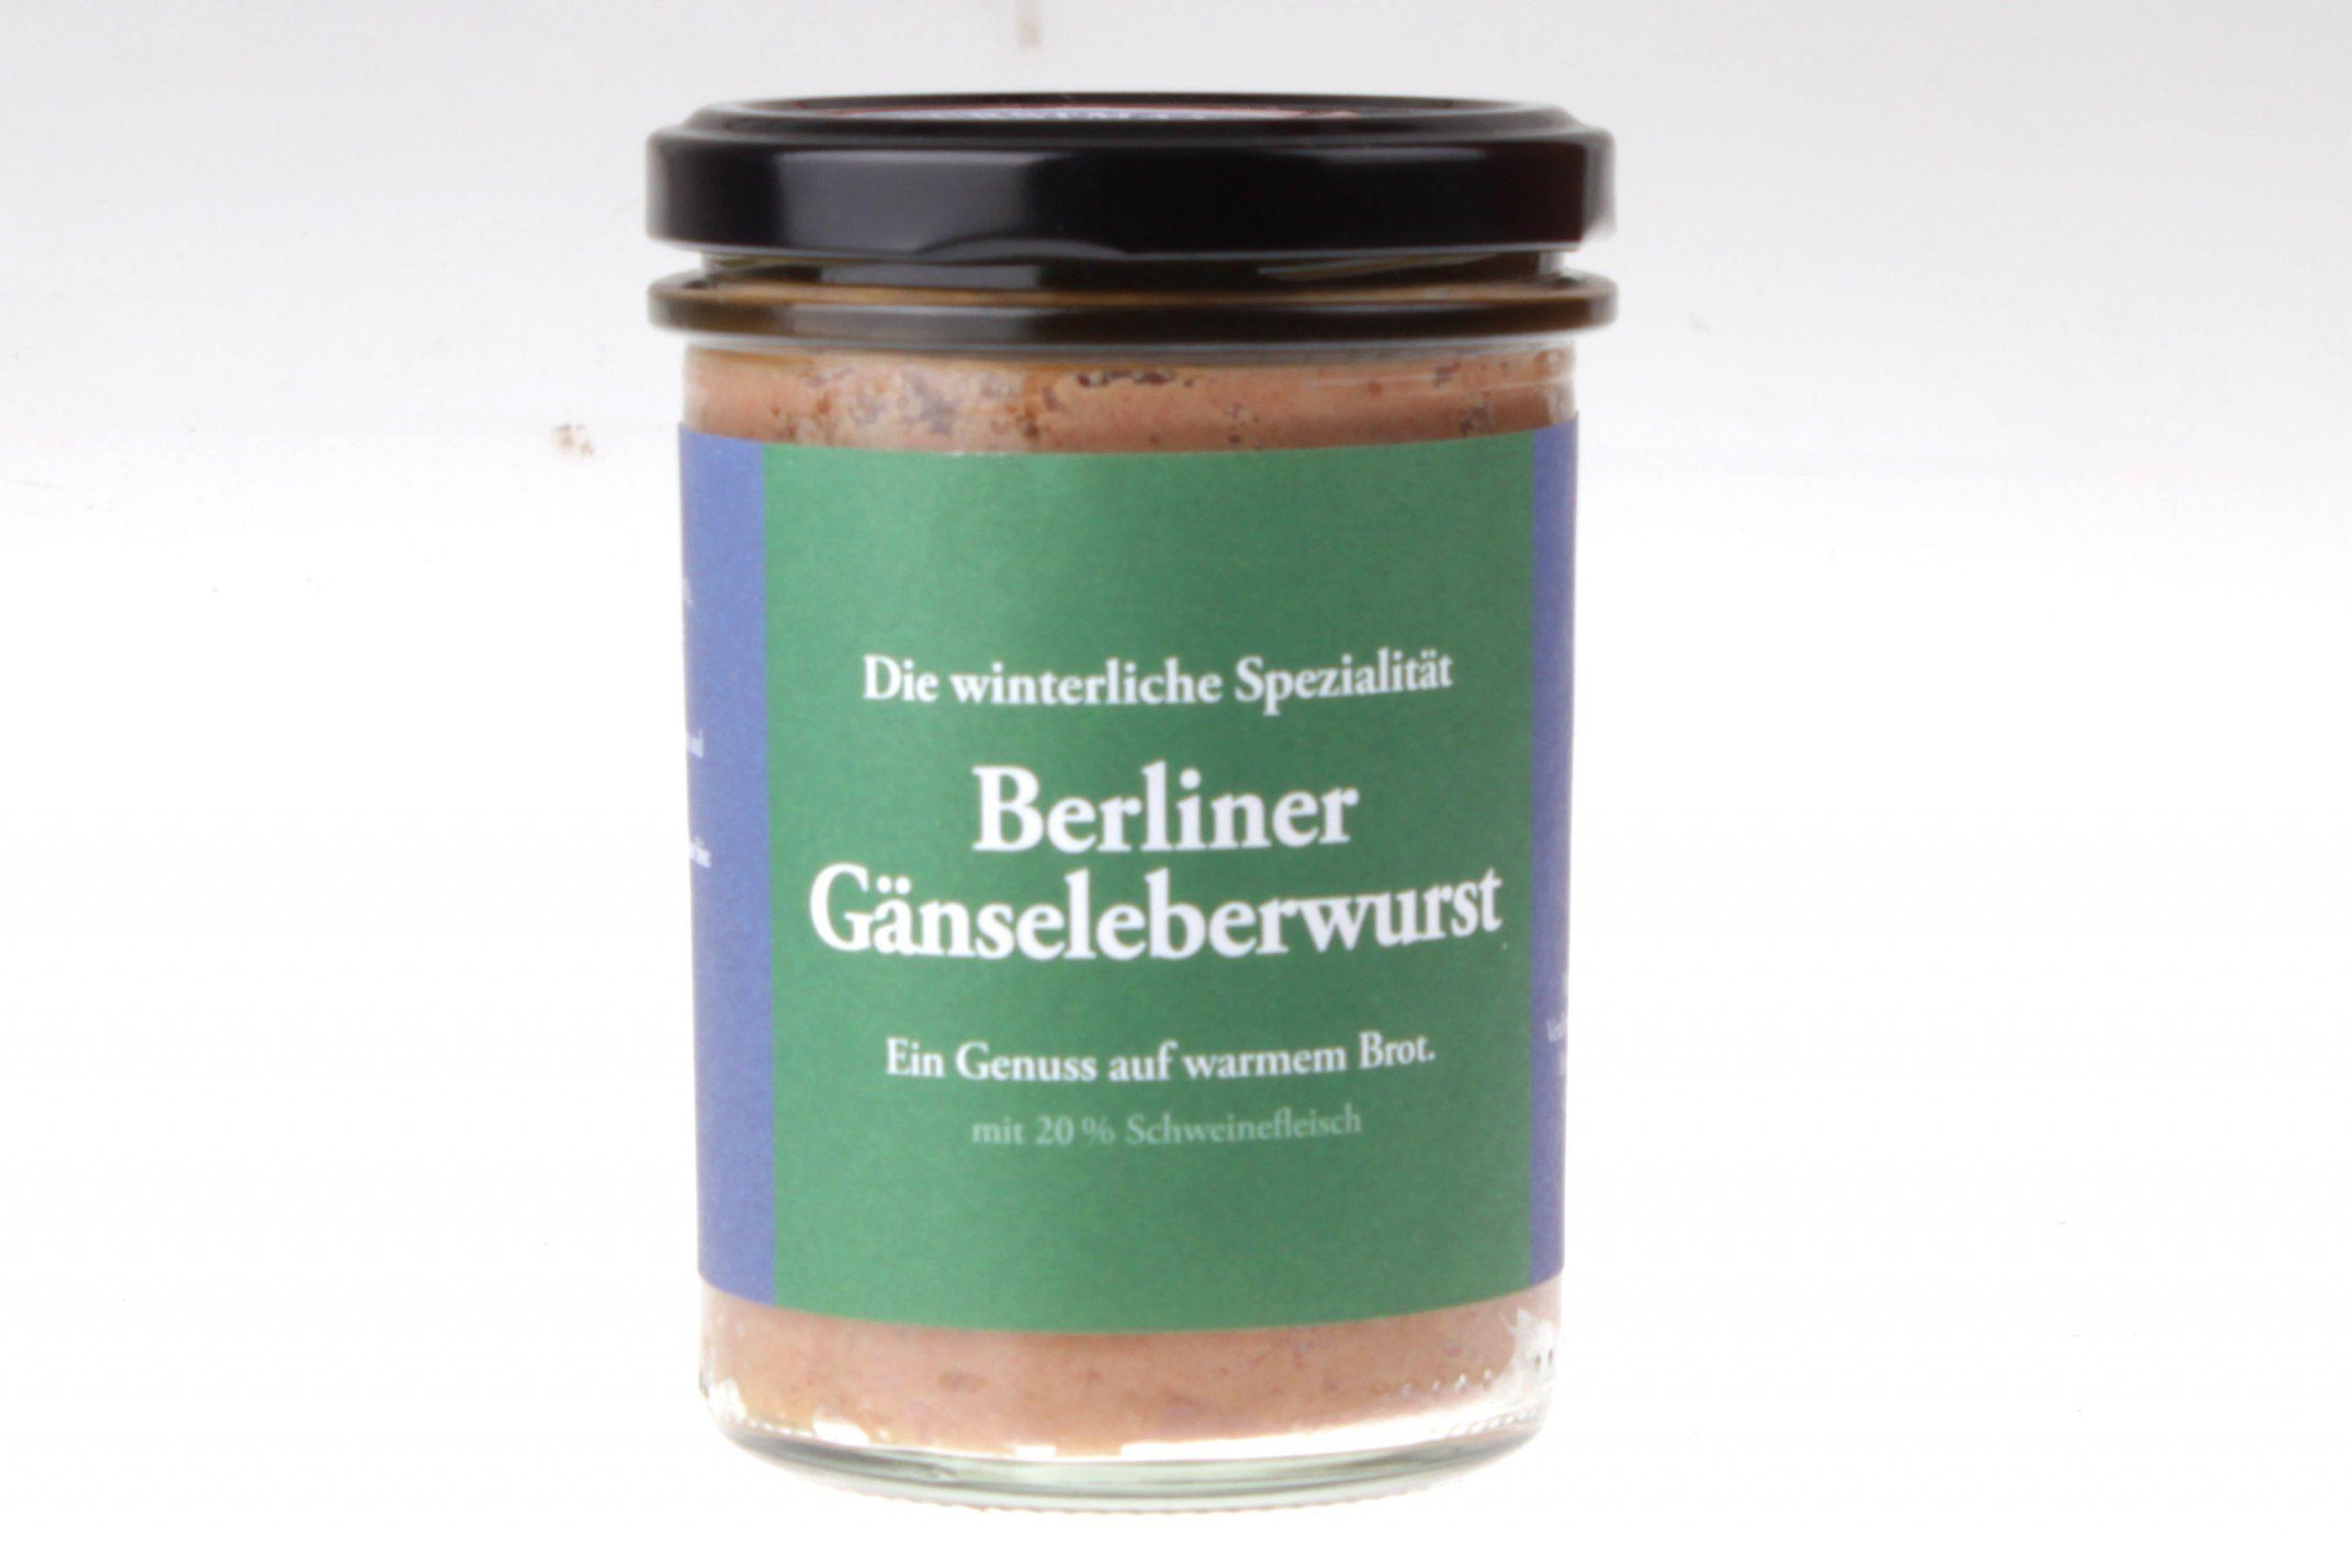 Berliner Gänseleberwurst im Glas von feinjemacht